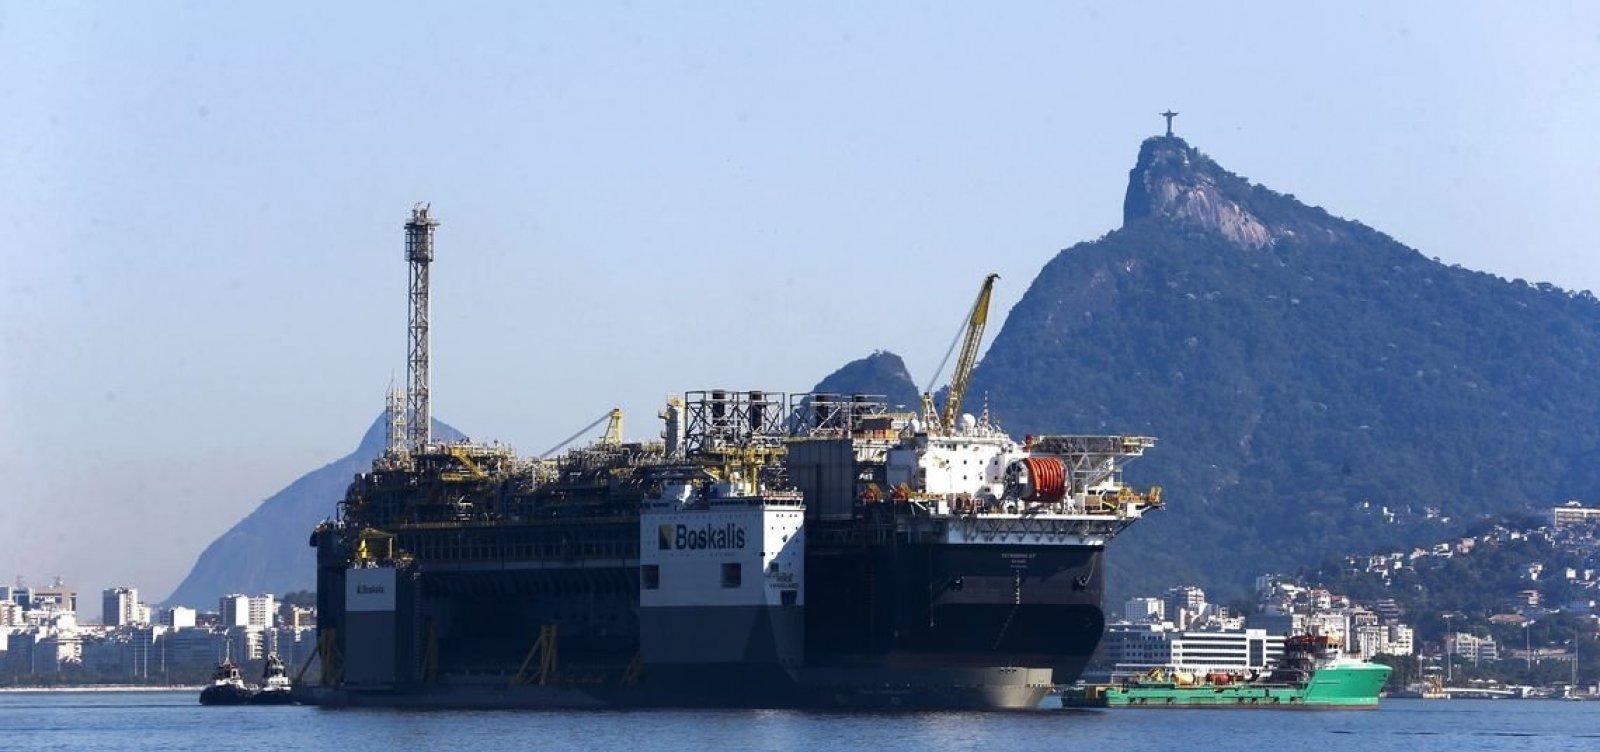 [Brasil produz mais de 3 milhões de barris de petróleo por dia]